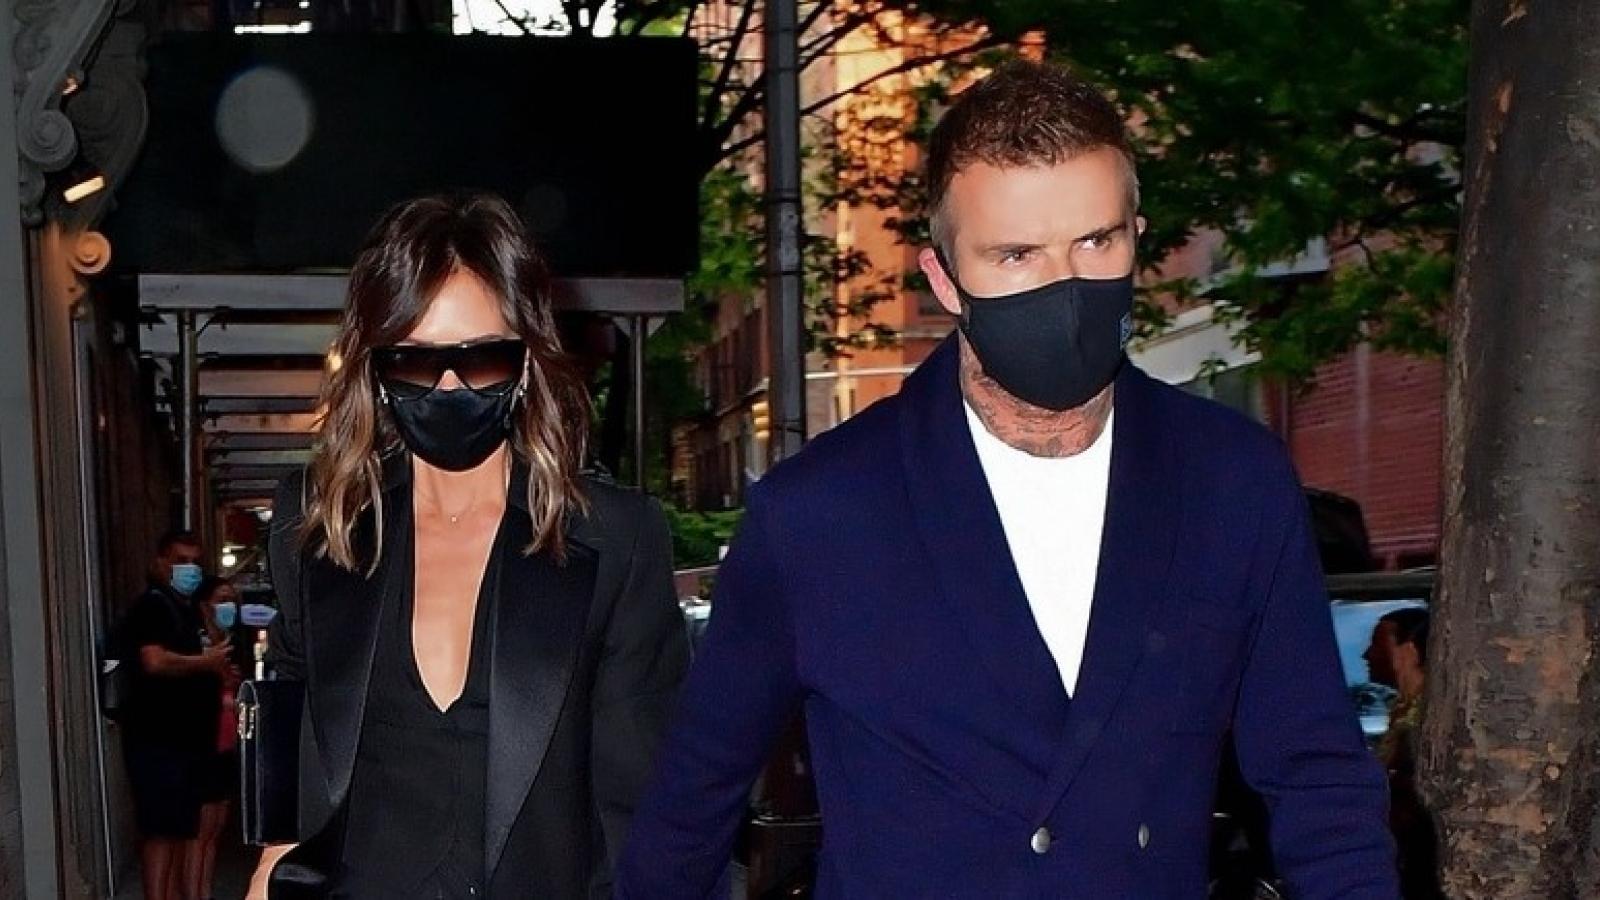 Vợ chồng Victoria Beckham nắm tay tình cảm đi ăn tối tại nhà hàng